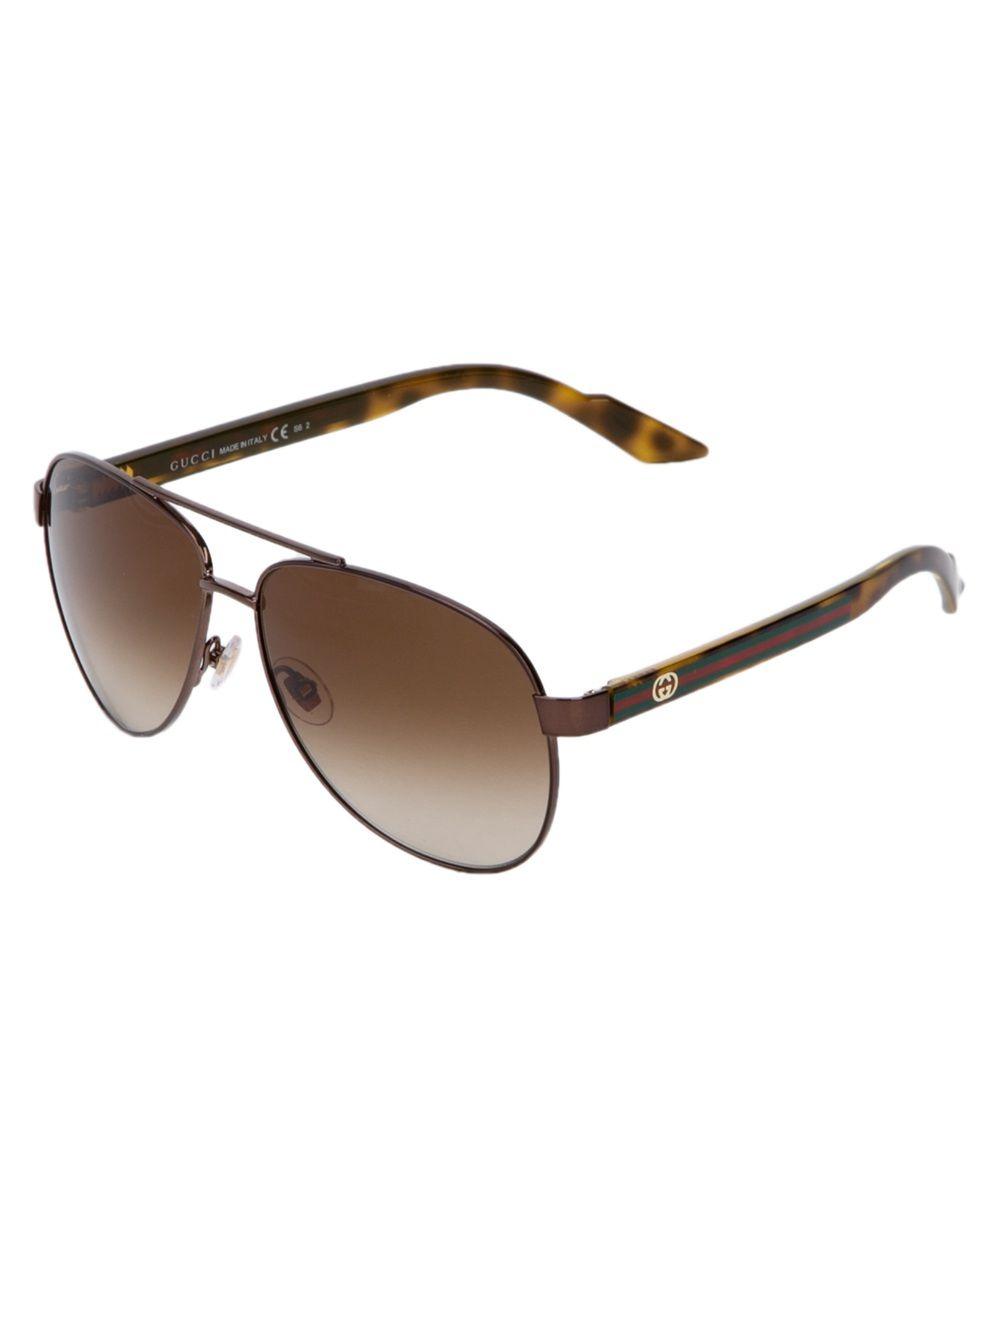 65f233c09 GUCCI - Óculos De Sol Marrom. | MA 07112012 | óculos Gucci, Gucci ...